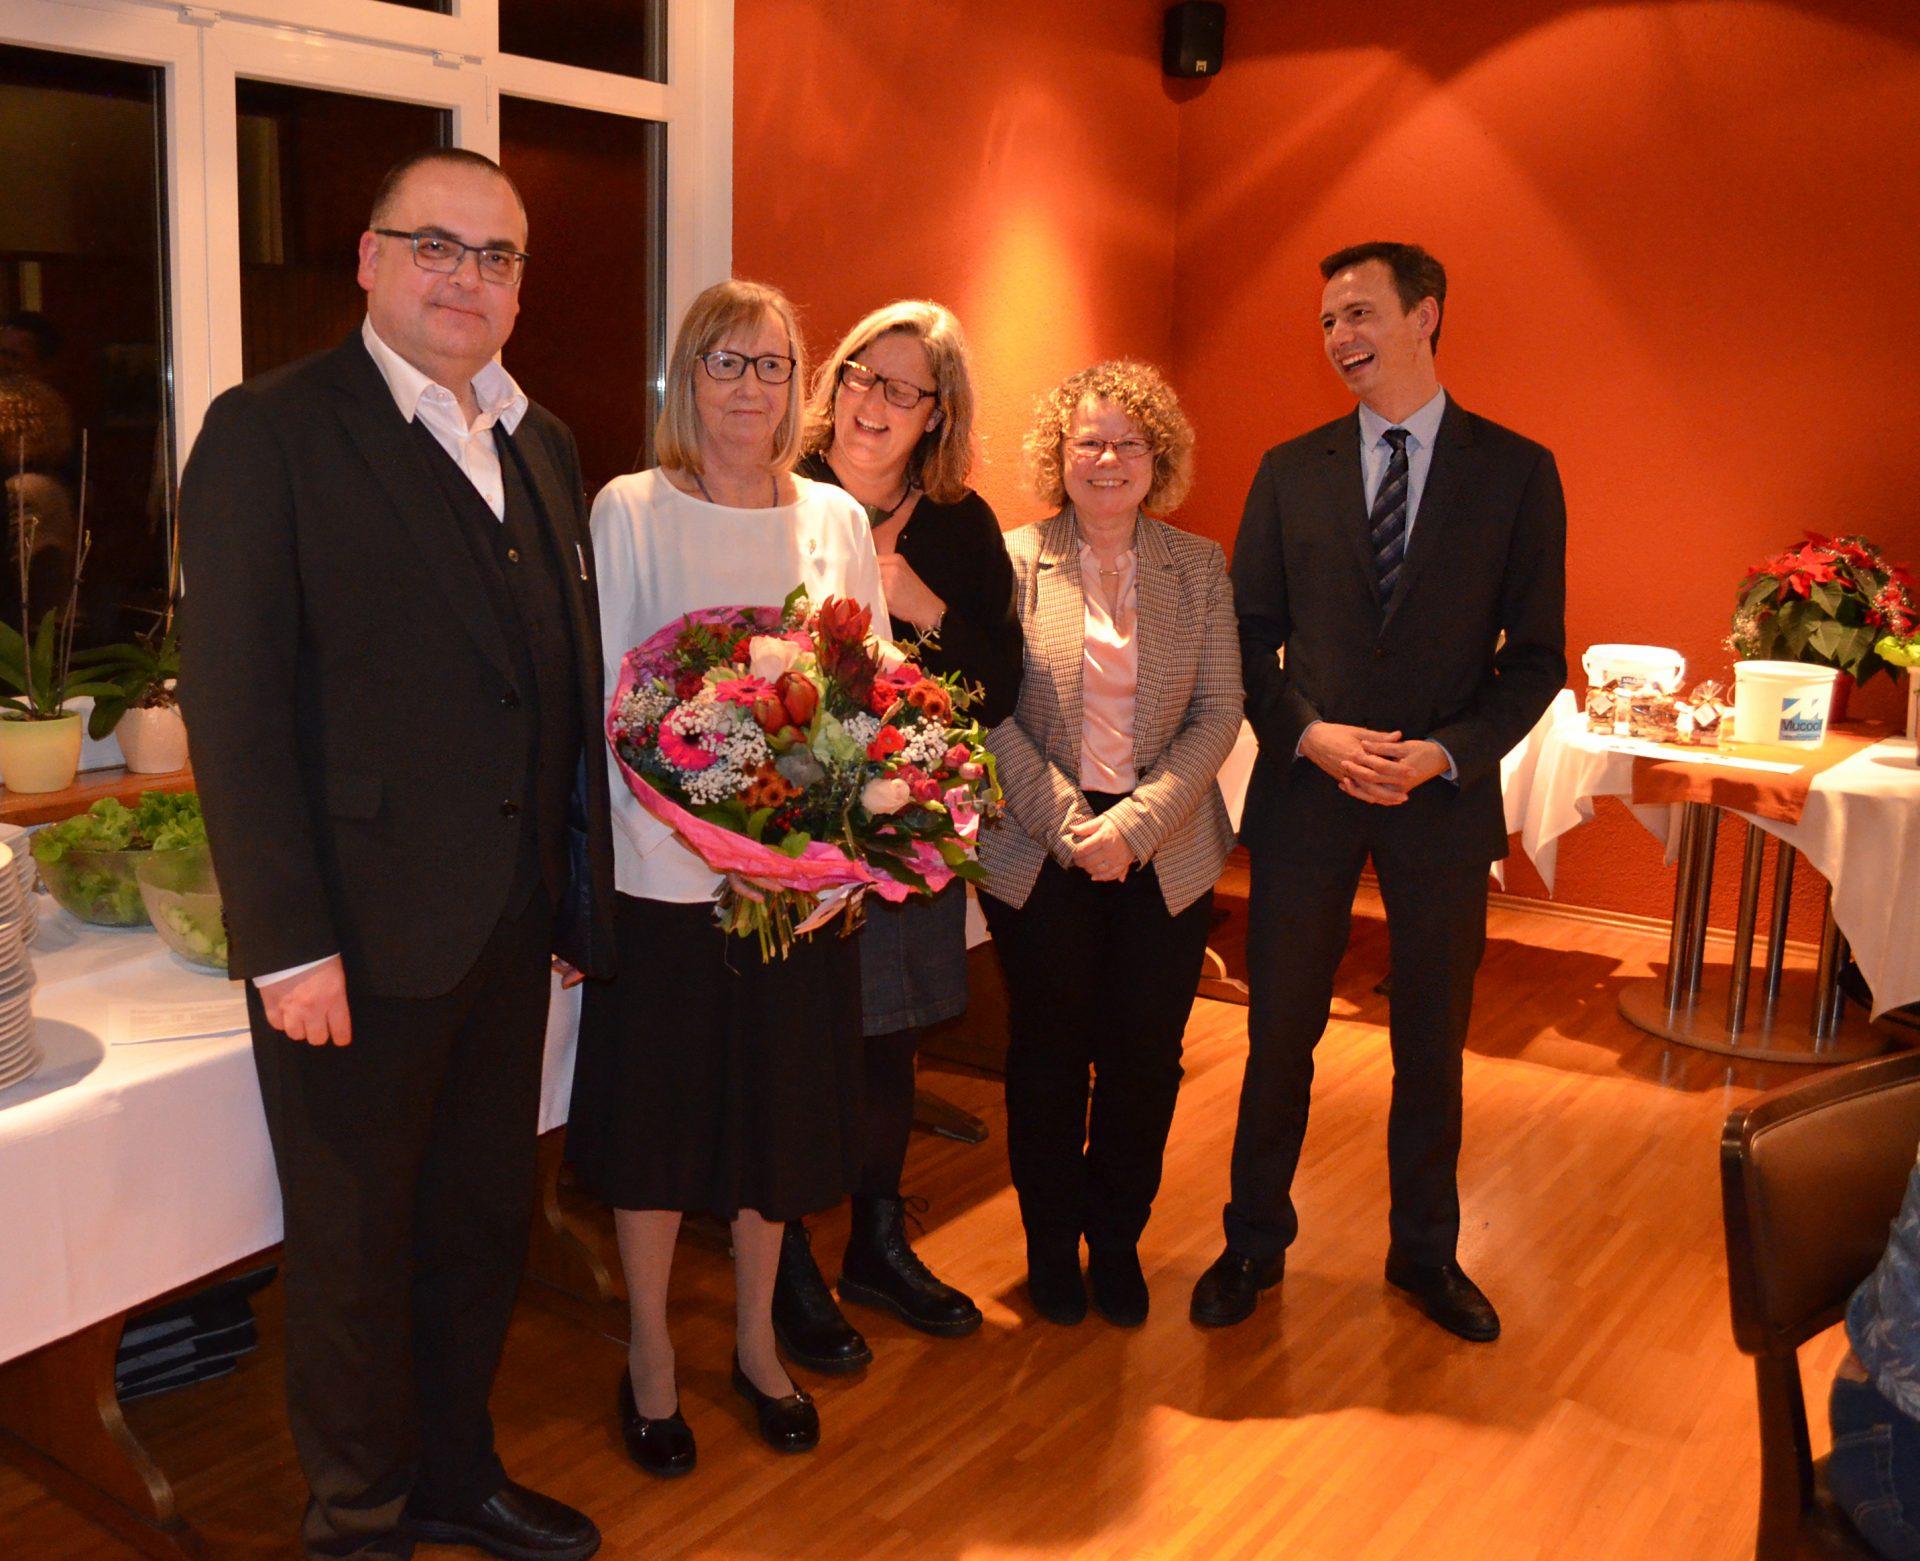 Carsten Jacknau (Vorstand i.E.), Antje Oberthür (Pflegedienstleitung), Erika Fuchs (Einrichtungsleitung) und Daniel Schies (kaufm. Direktor) (v.l.n.r.) gratulierten Ute Preiß